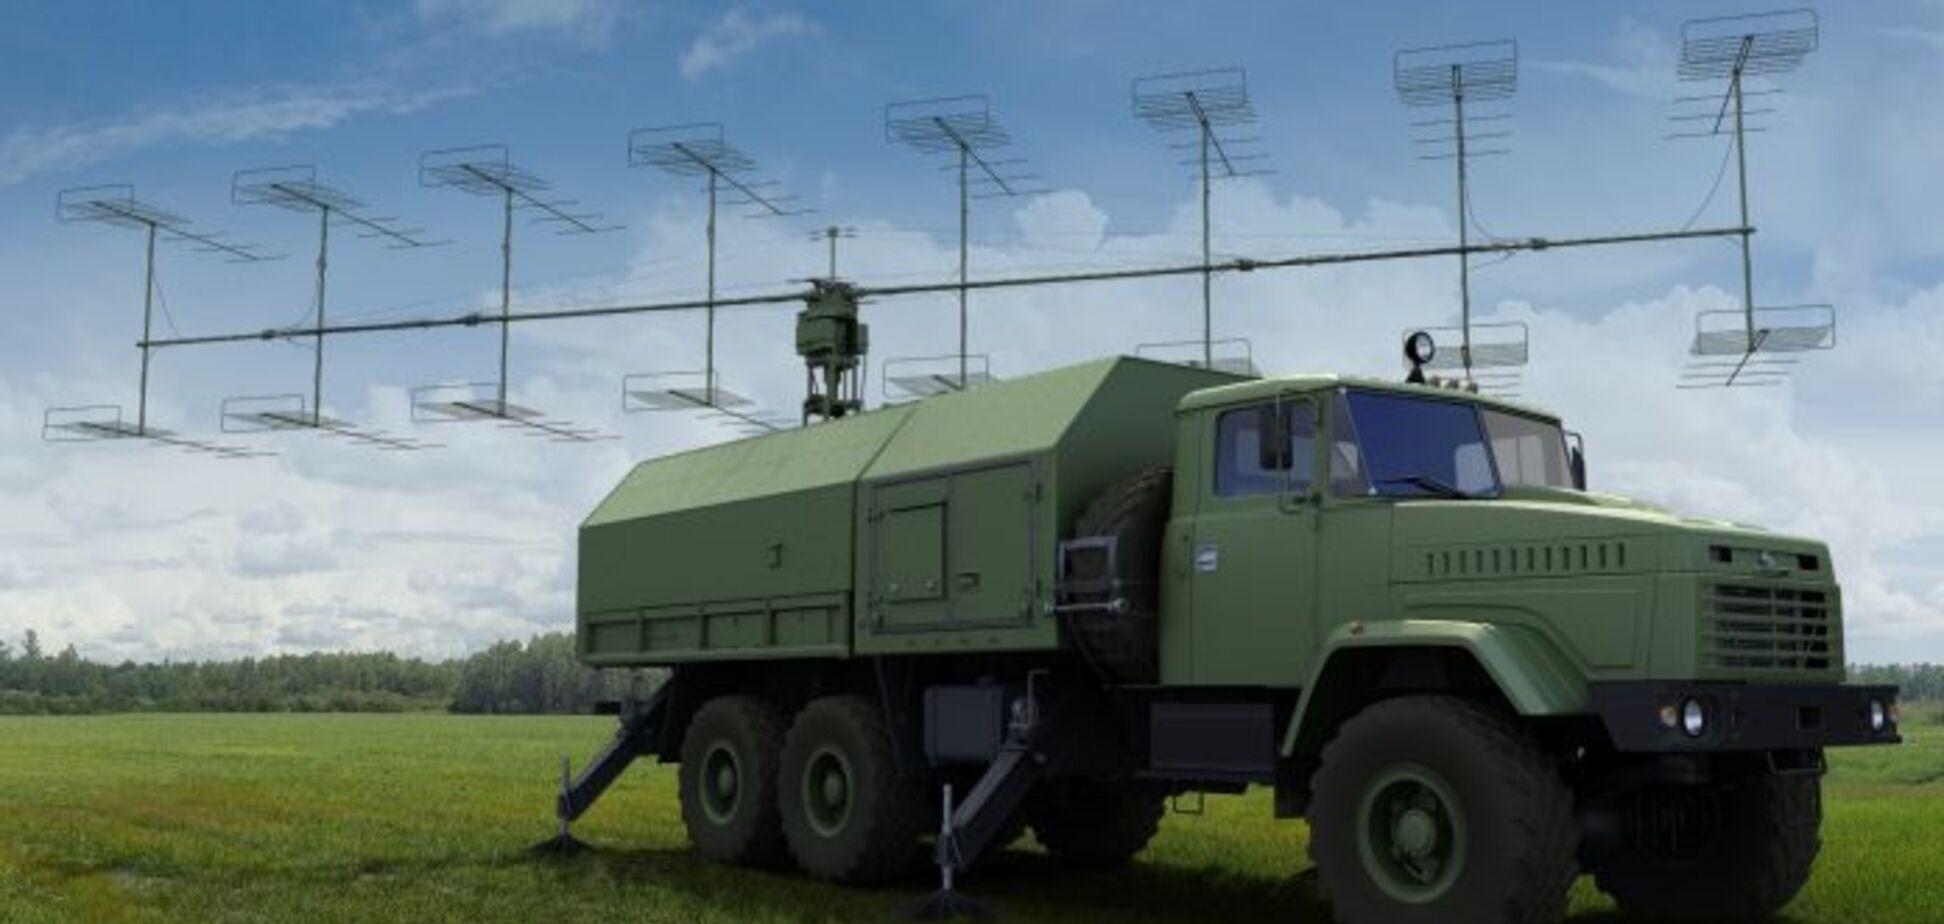 Мощное нелетальное оружие: системы РЭБ в Украине и в России